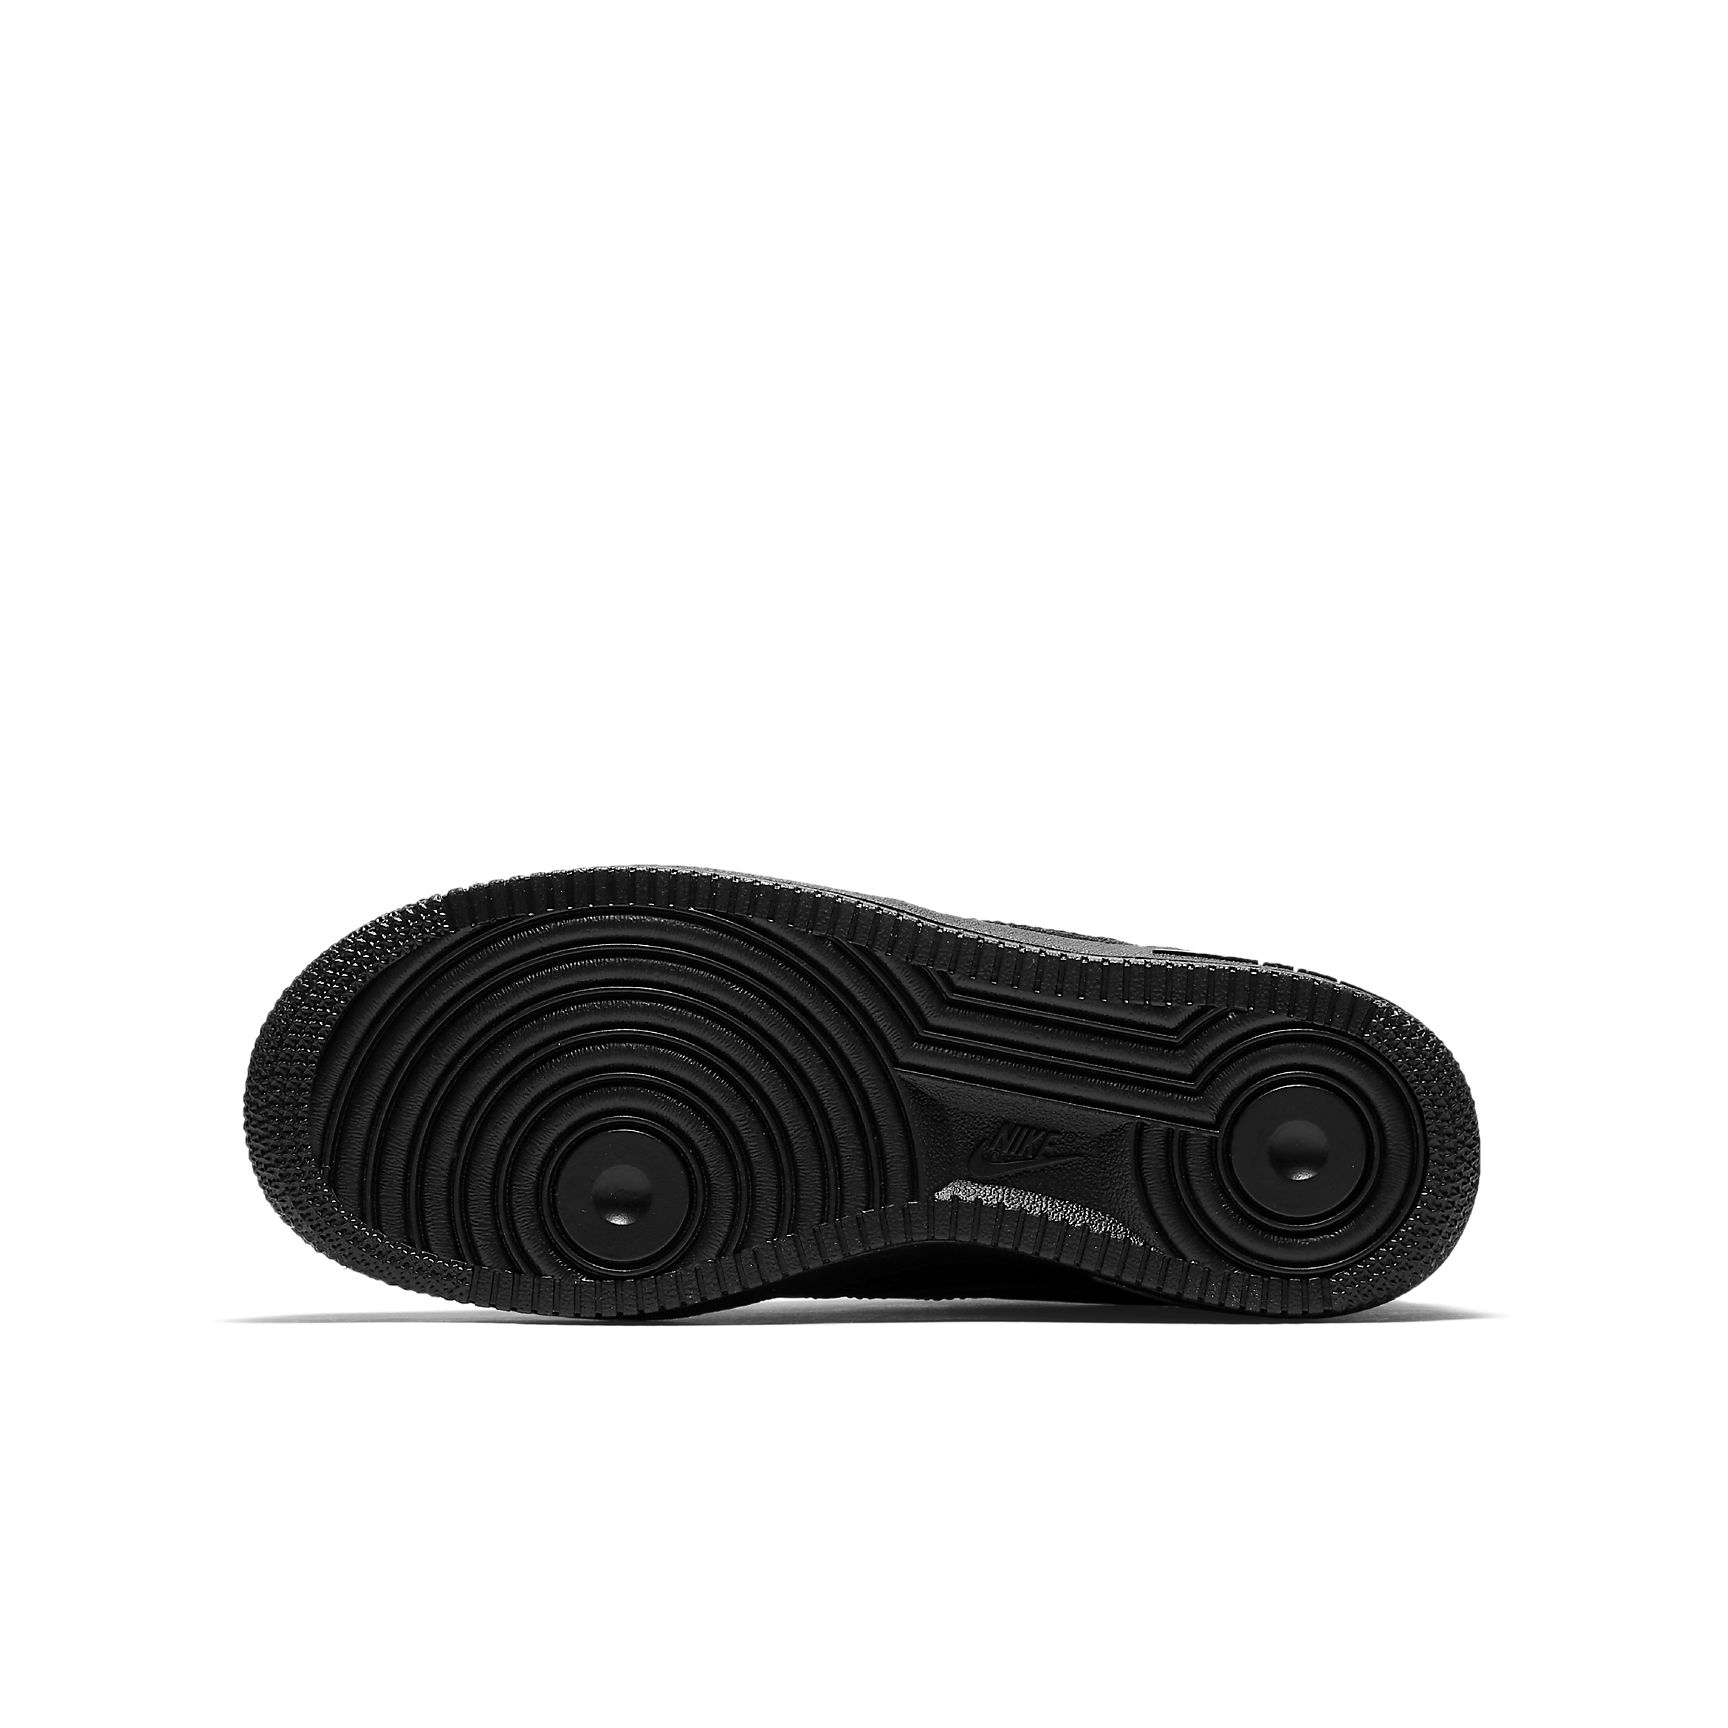 Nike Air Force 1 07 Black